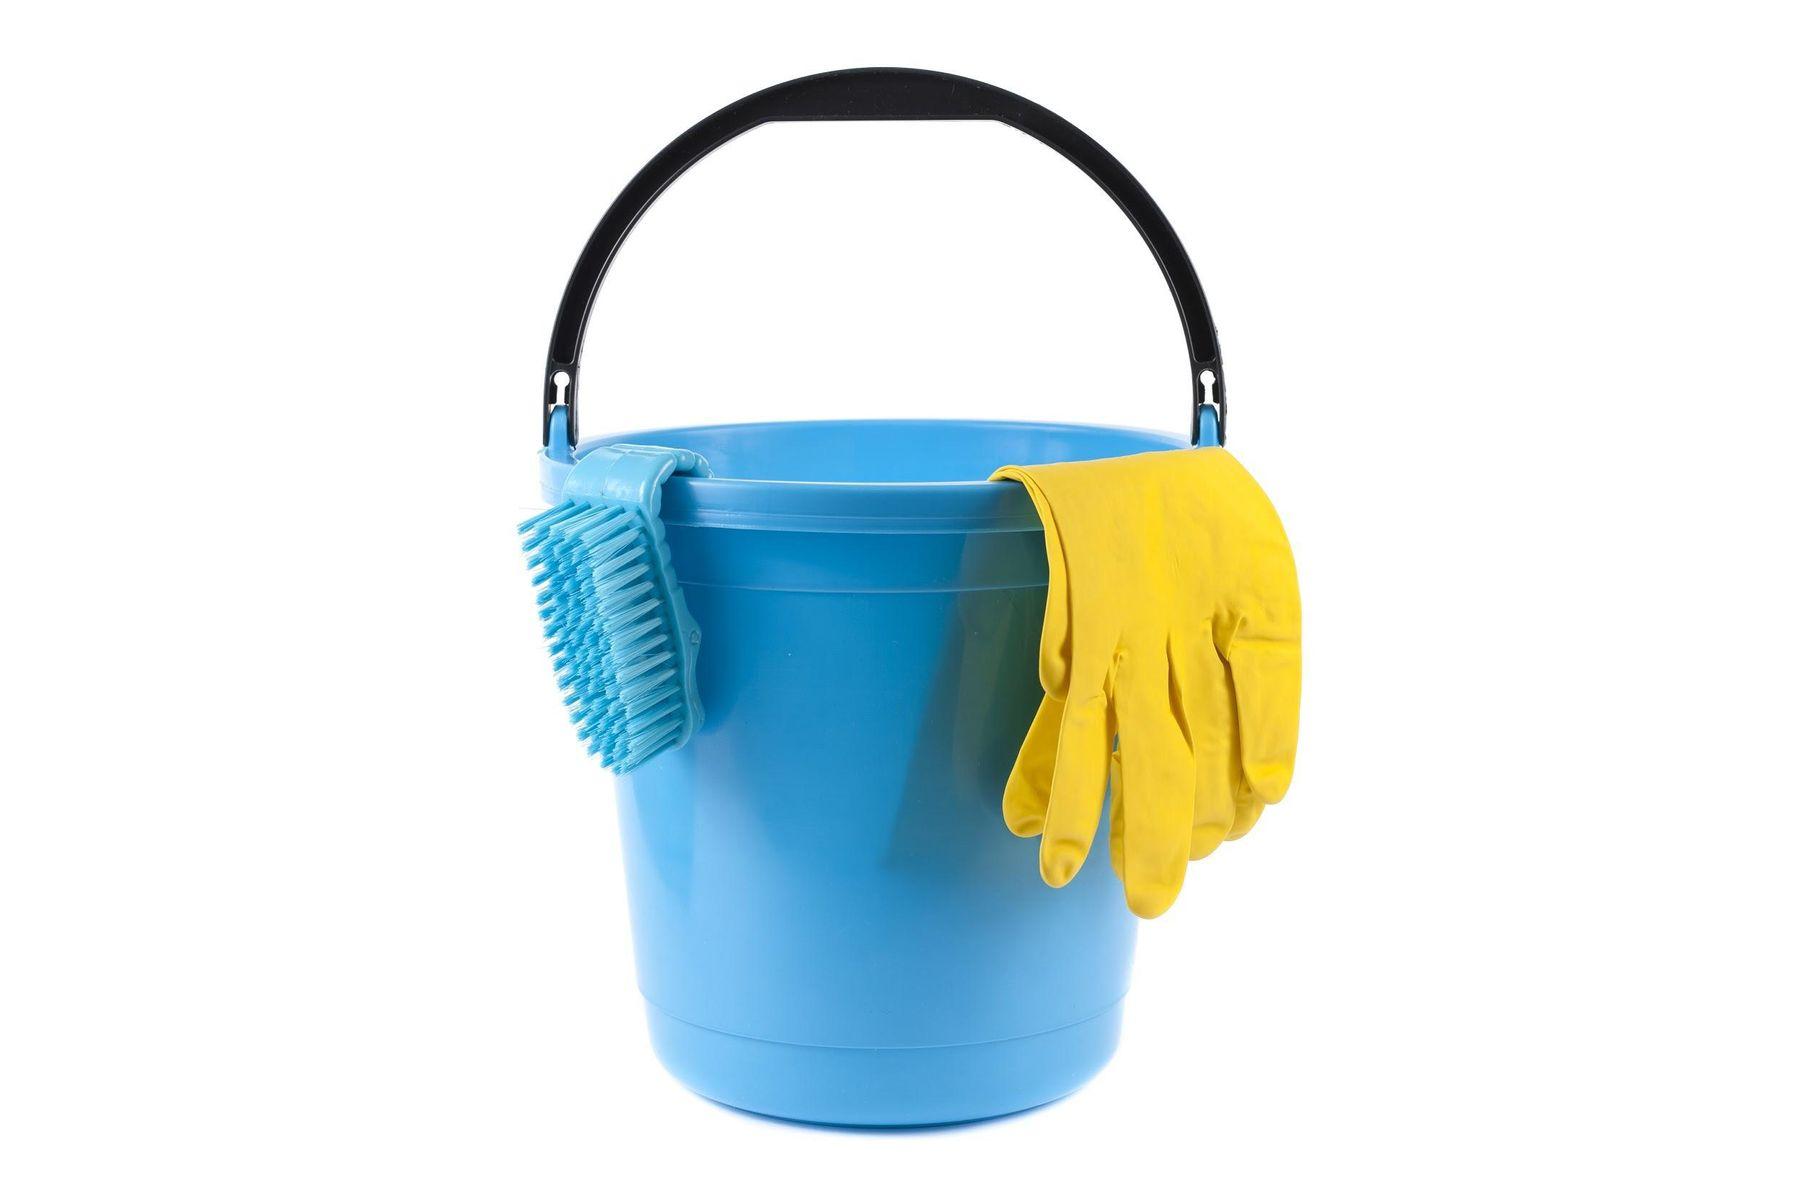 Step 1: Prepare a solução com cloro